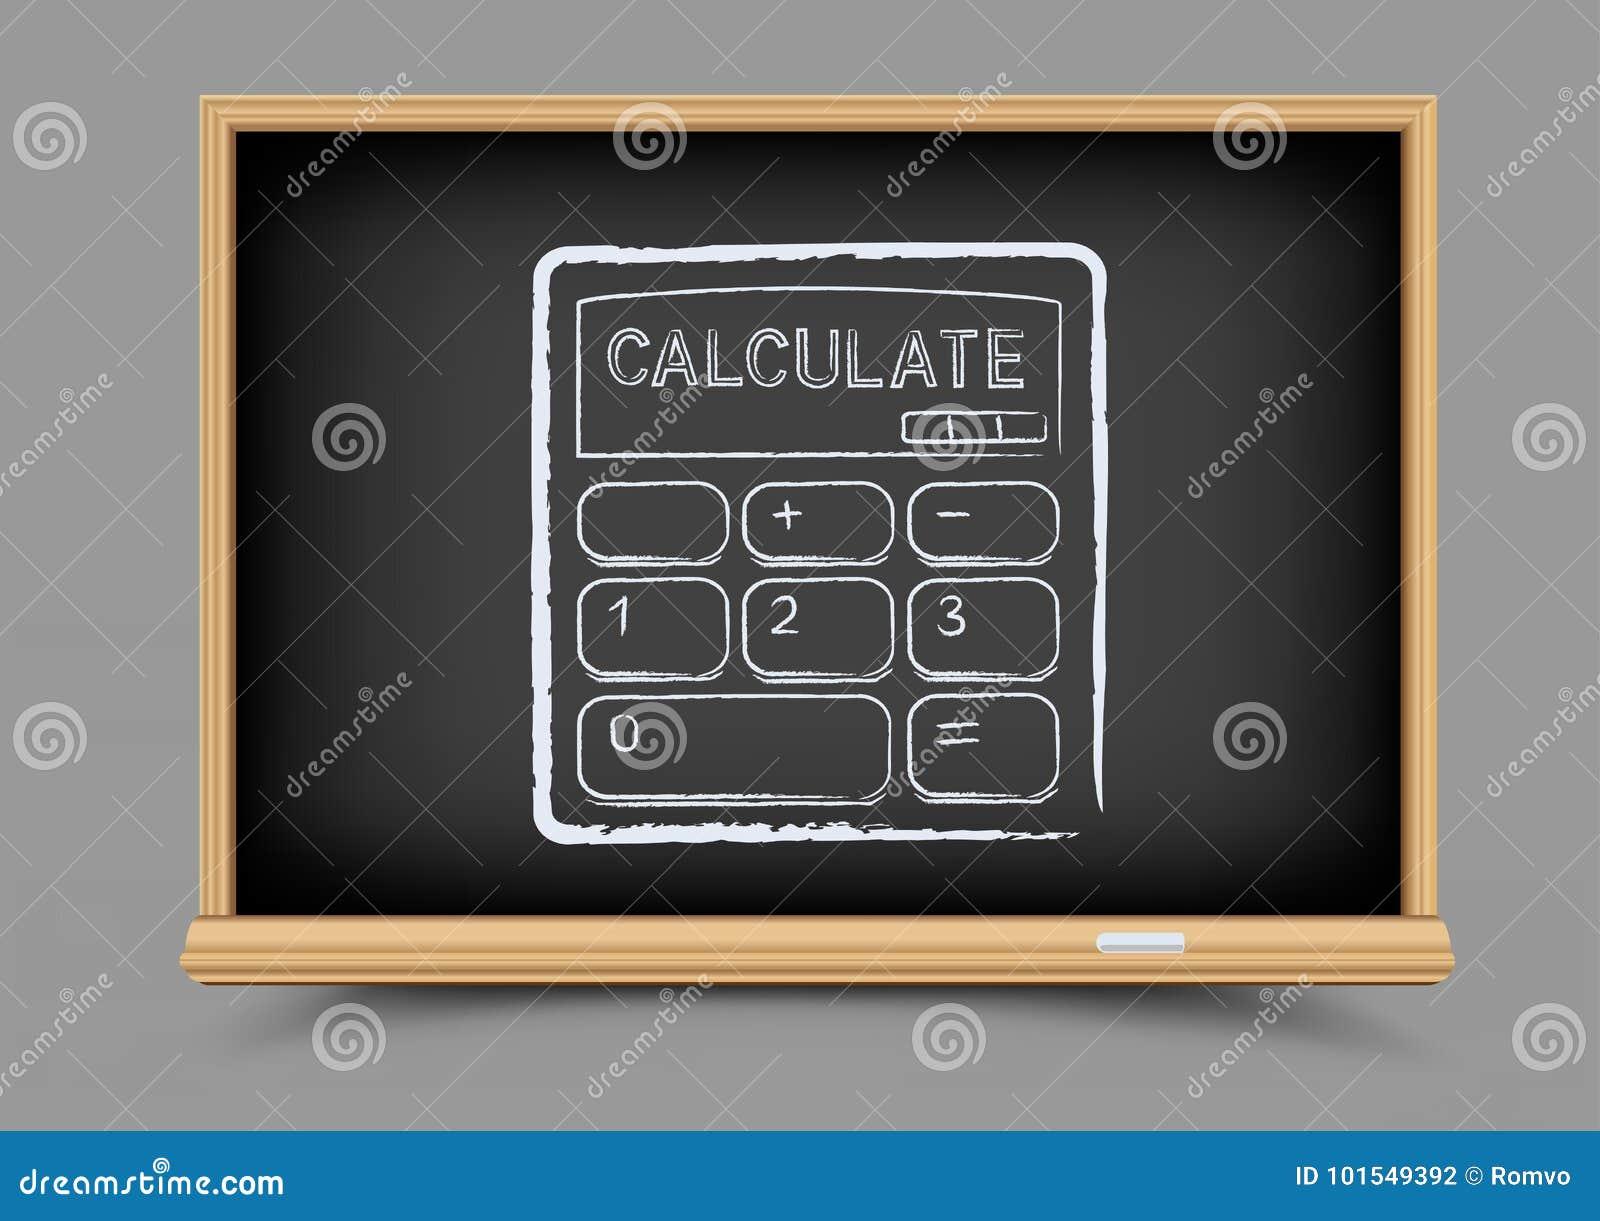 Τα μαθηματικά πινάκων υπολογίζουν το μάθημα